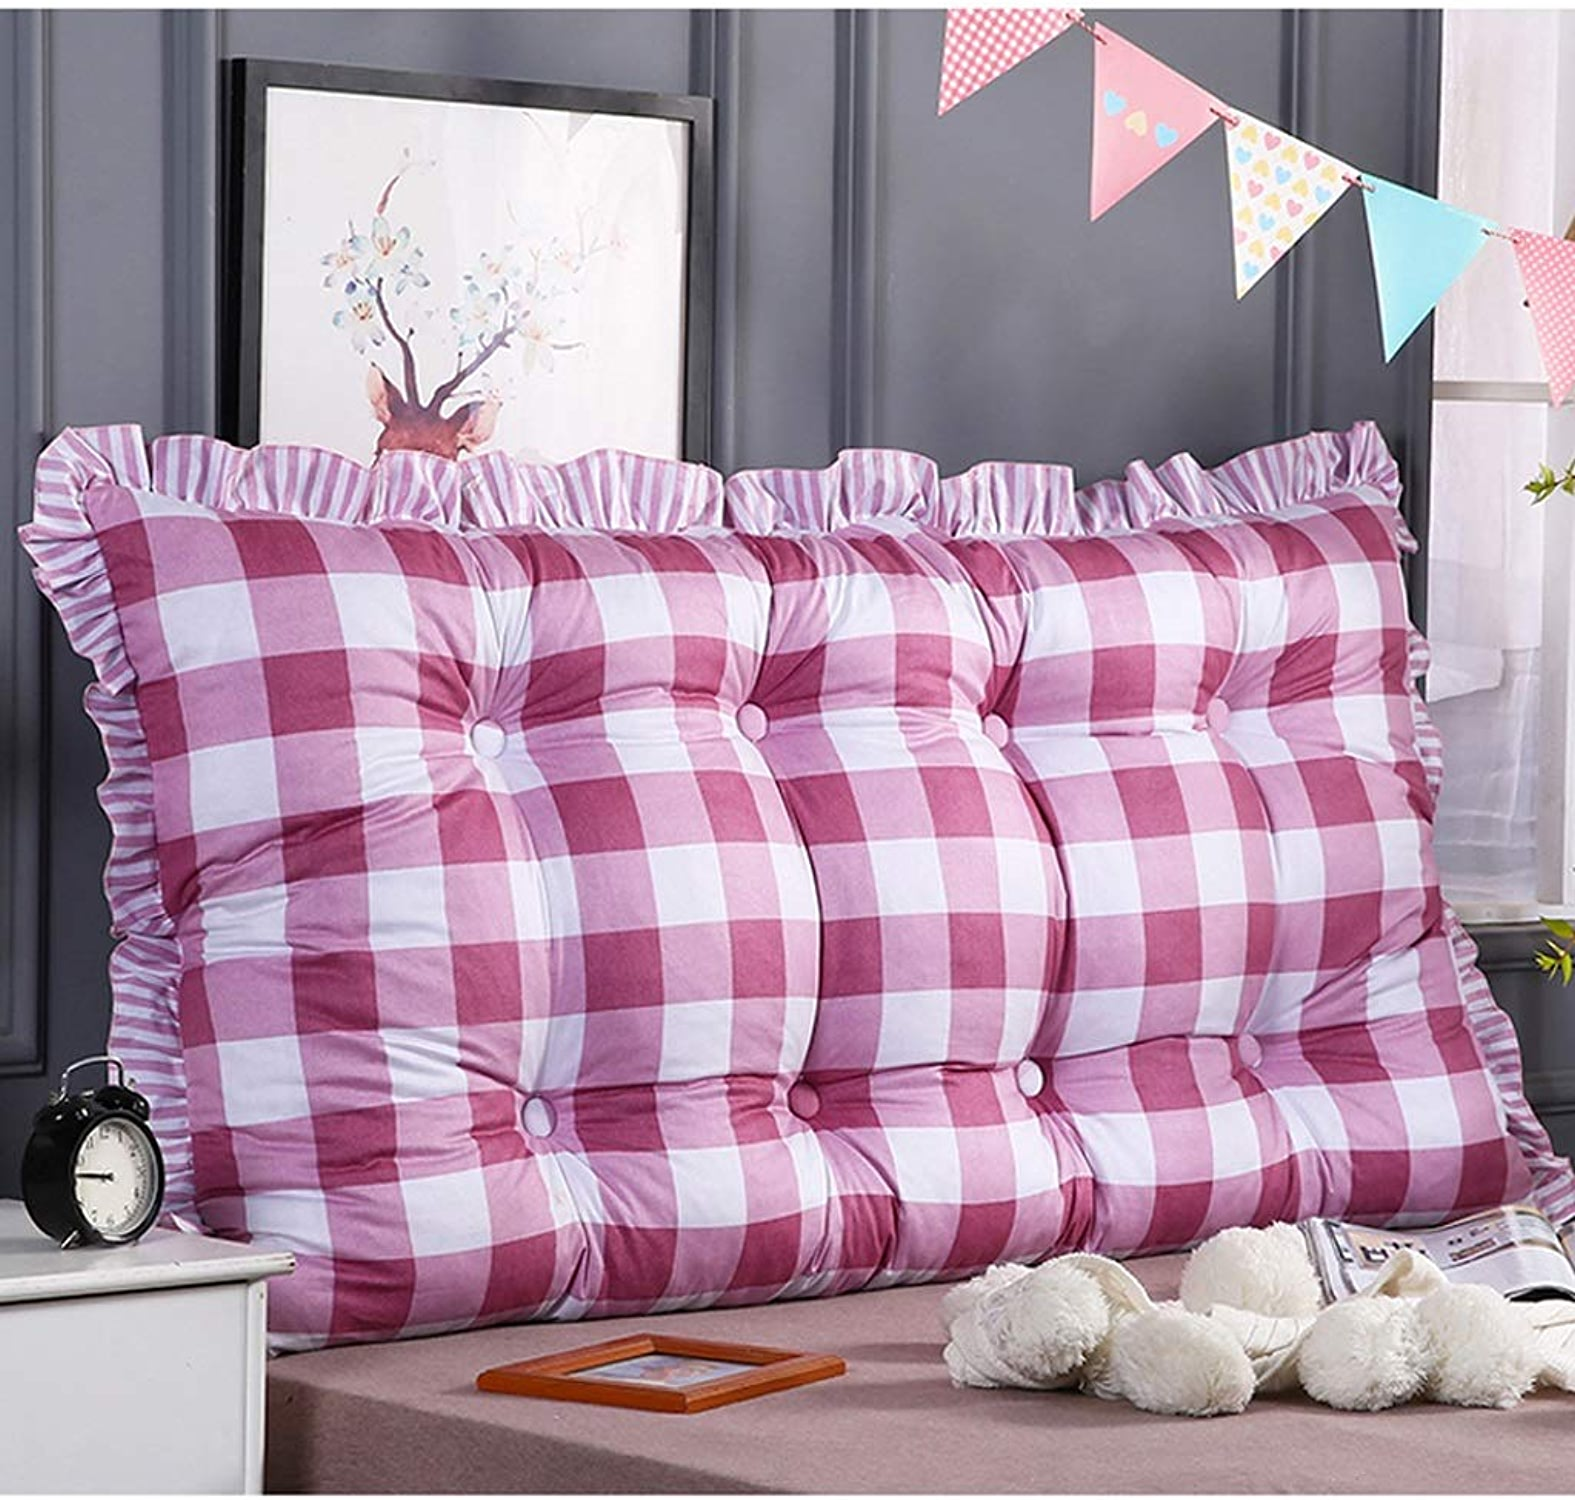 LSXLSD Tête de lit Double avec Coussins Longs en Tatami, Dossier de Lecture du canapé, Grand canapé Coussin Lombaire Amovible et Lavable, Grand Coussin - 100cm   120cm   150cm. (Taille   150cm)